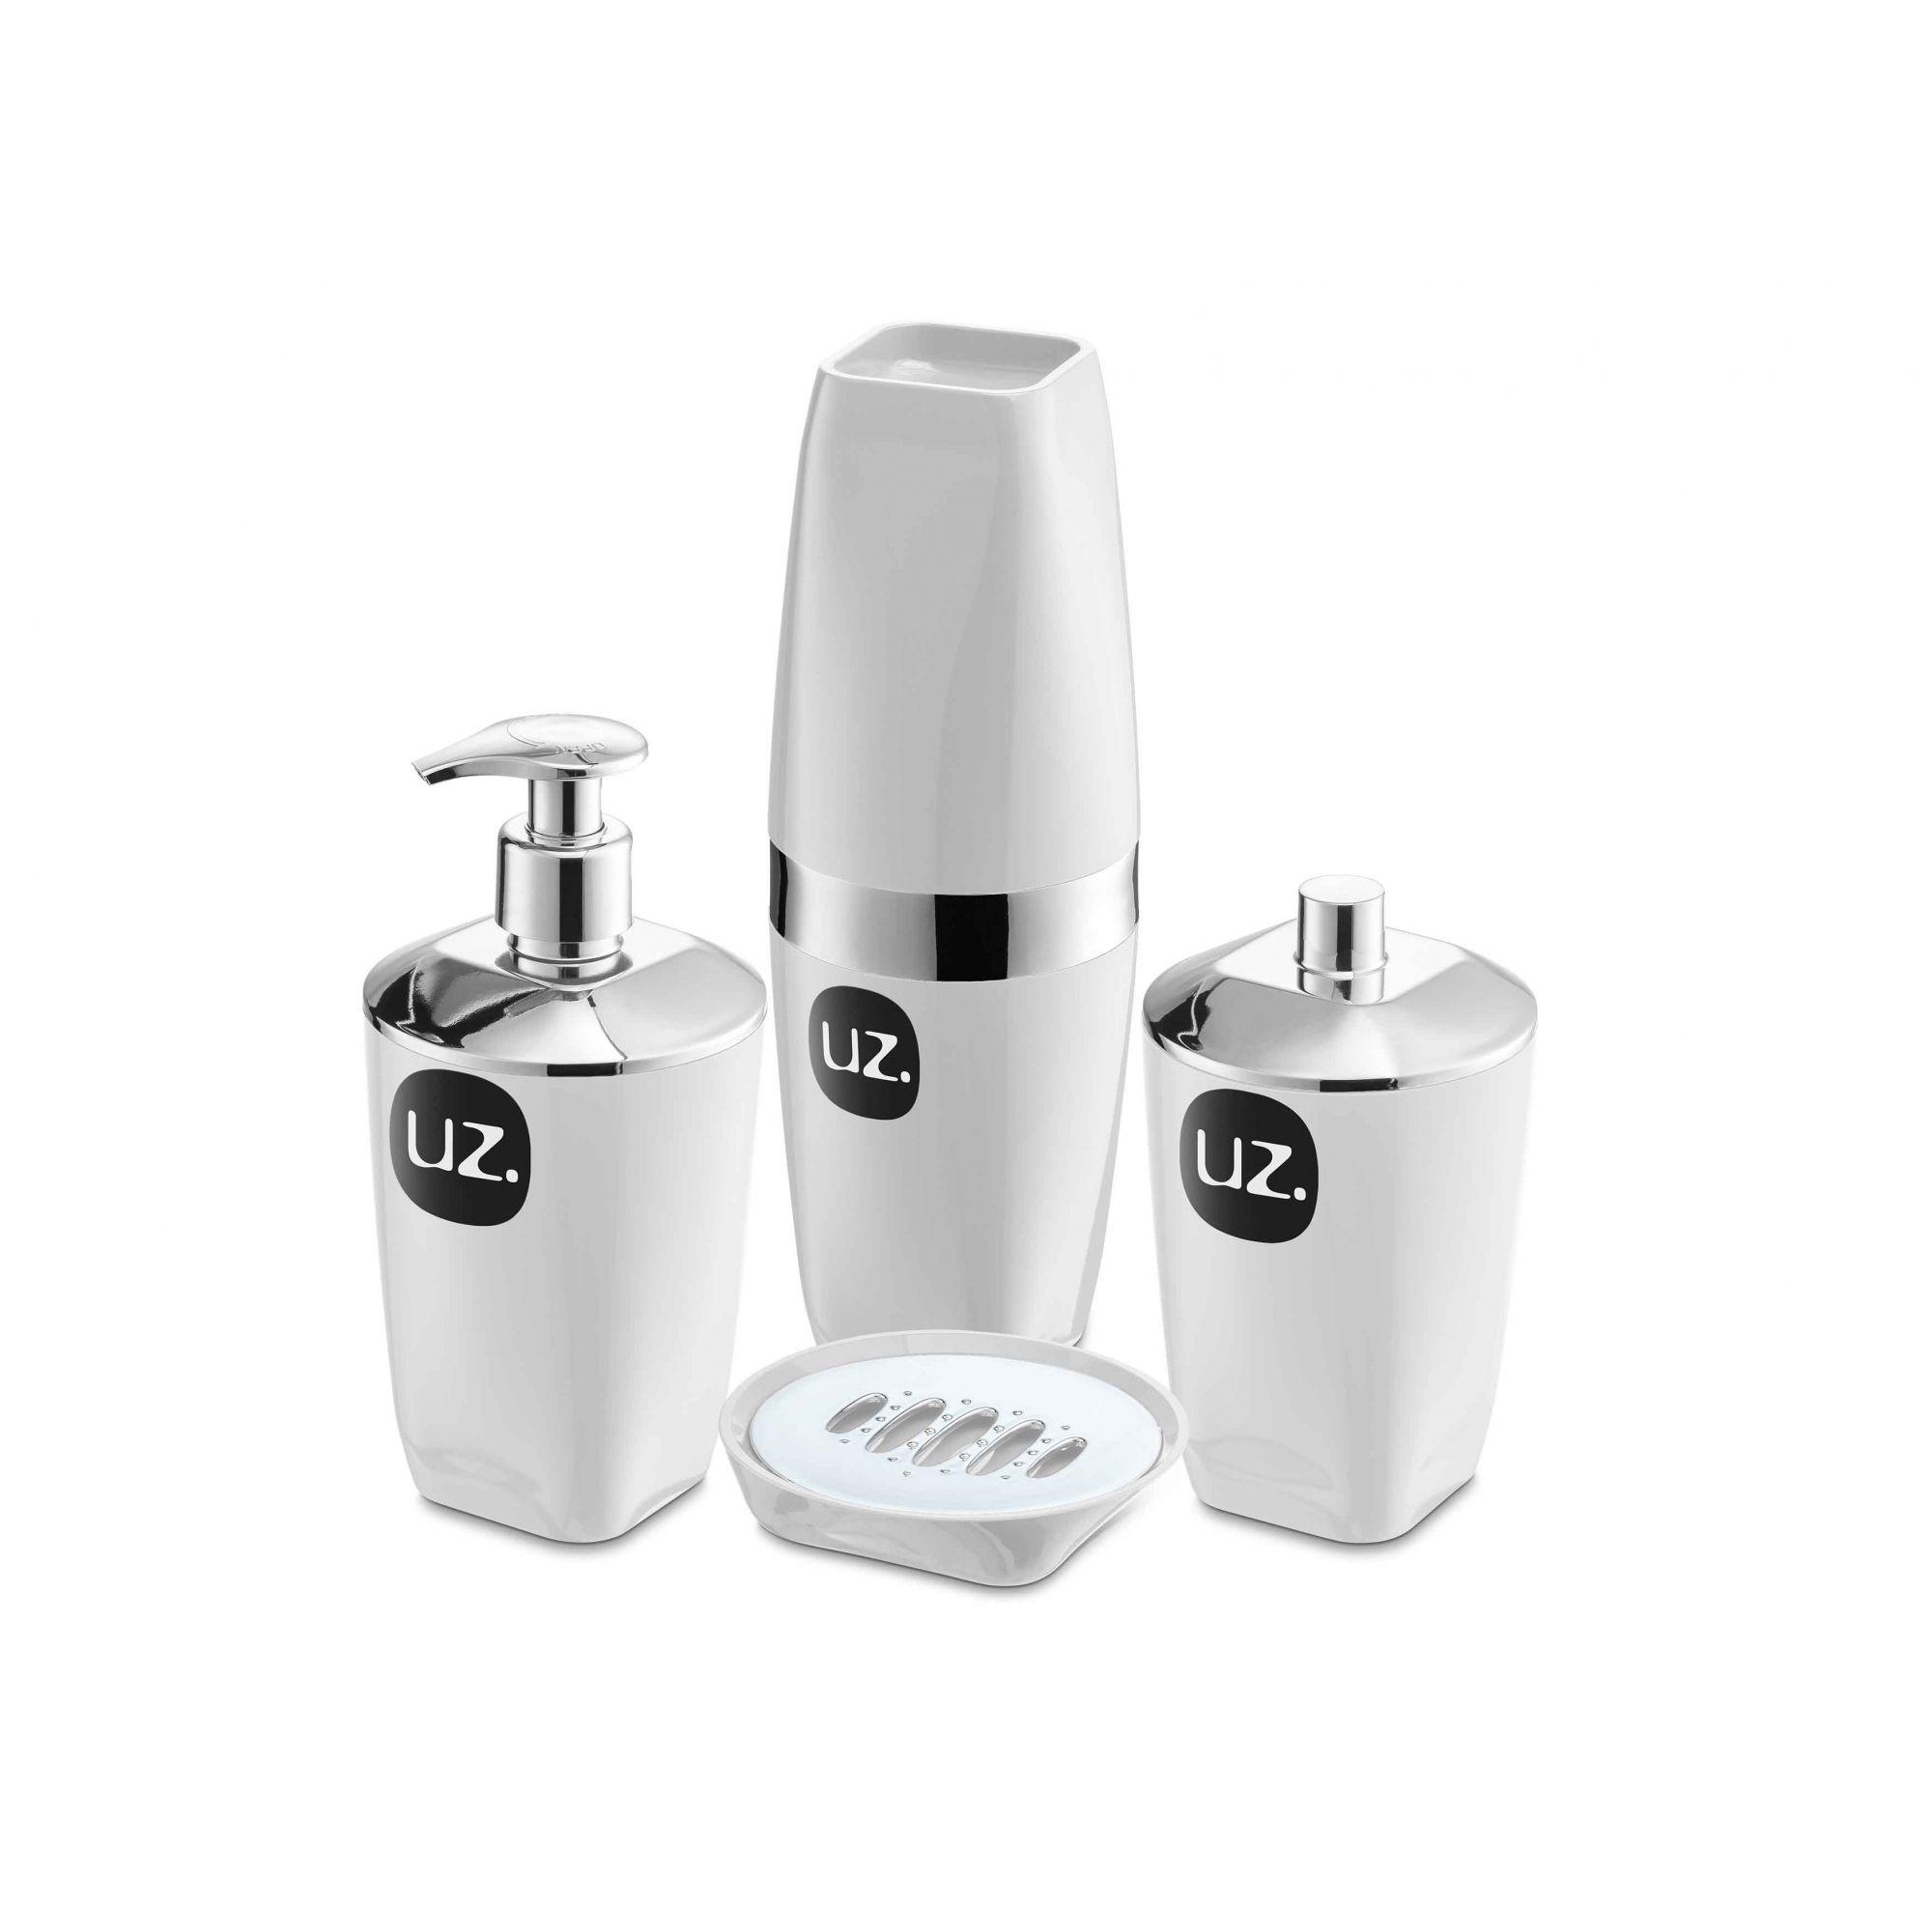 Kit Higiene Banheiro 4 Peças Porta Escova Sabonete Líquido Porta Algodão E Saboneteira Premium Uz Branco/Prata